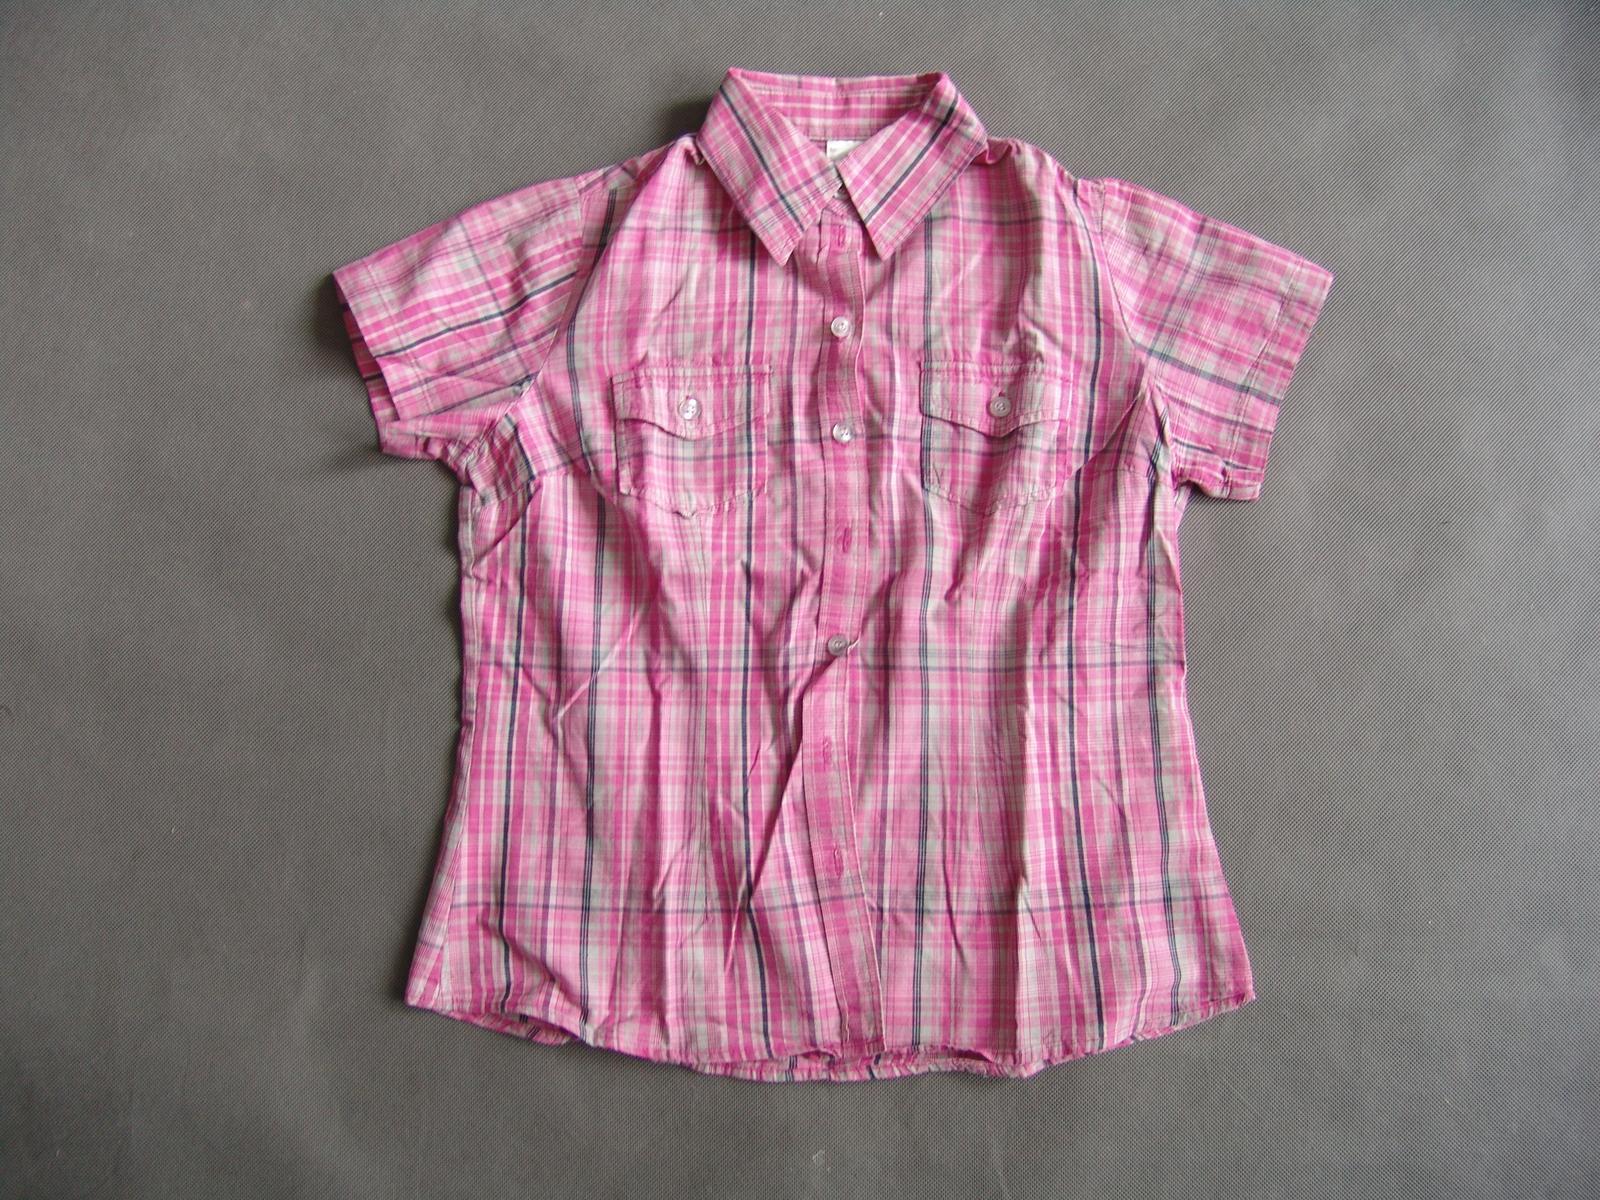 Růžová košile - Obrázek č. 1